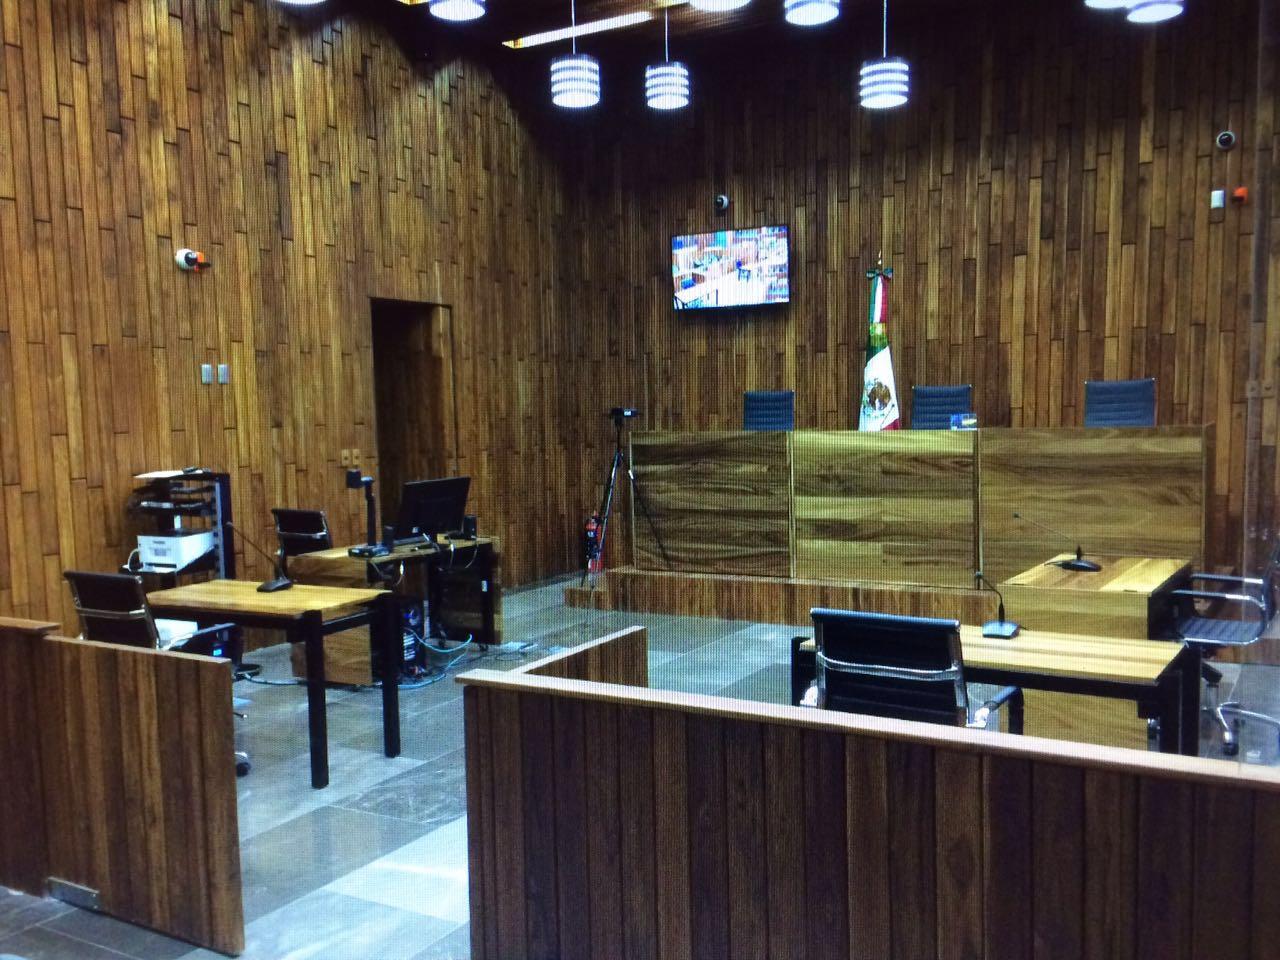 En audiencia inicial presidente de Álvaro Obregón declaró haber sido víctima de tortura y amenazas